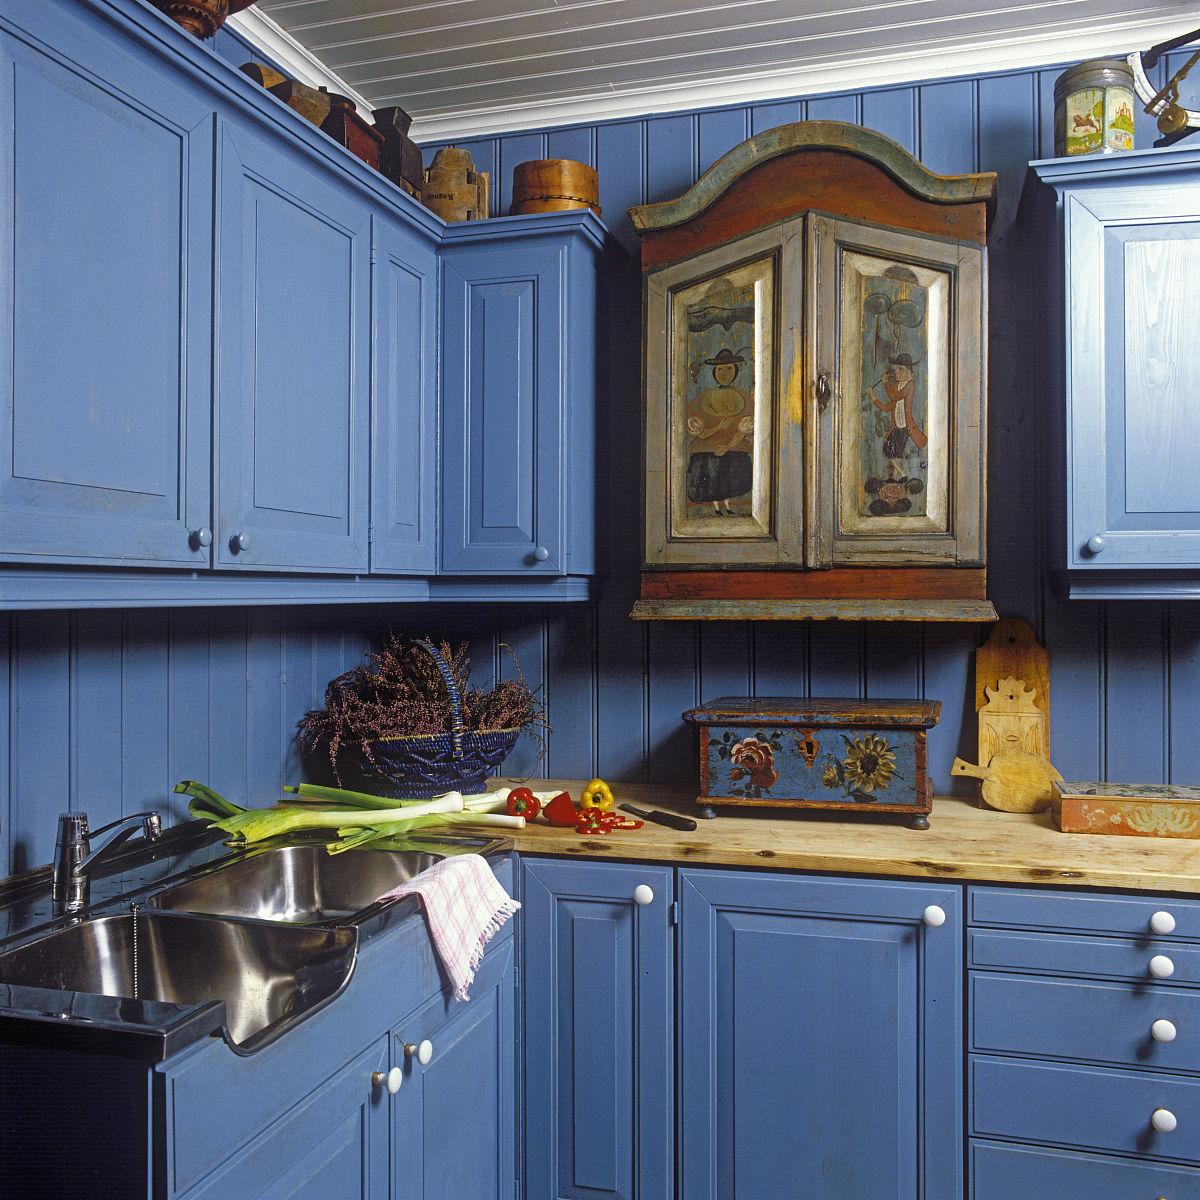 切割不锈钢水槽.红辣椒和黄椒.单古董橱柜手绘数字.实木台面.图片